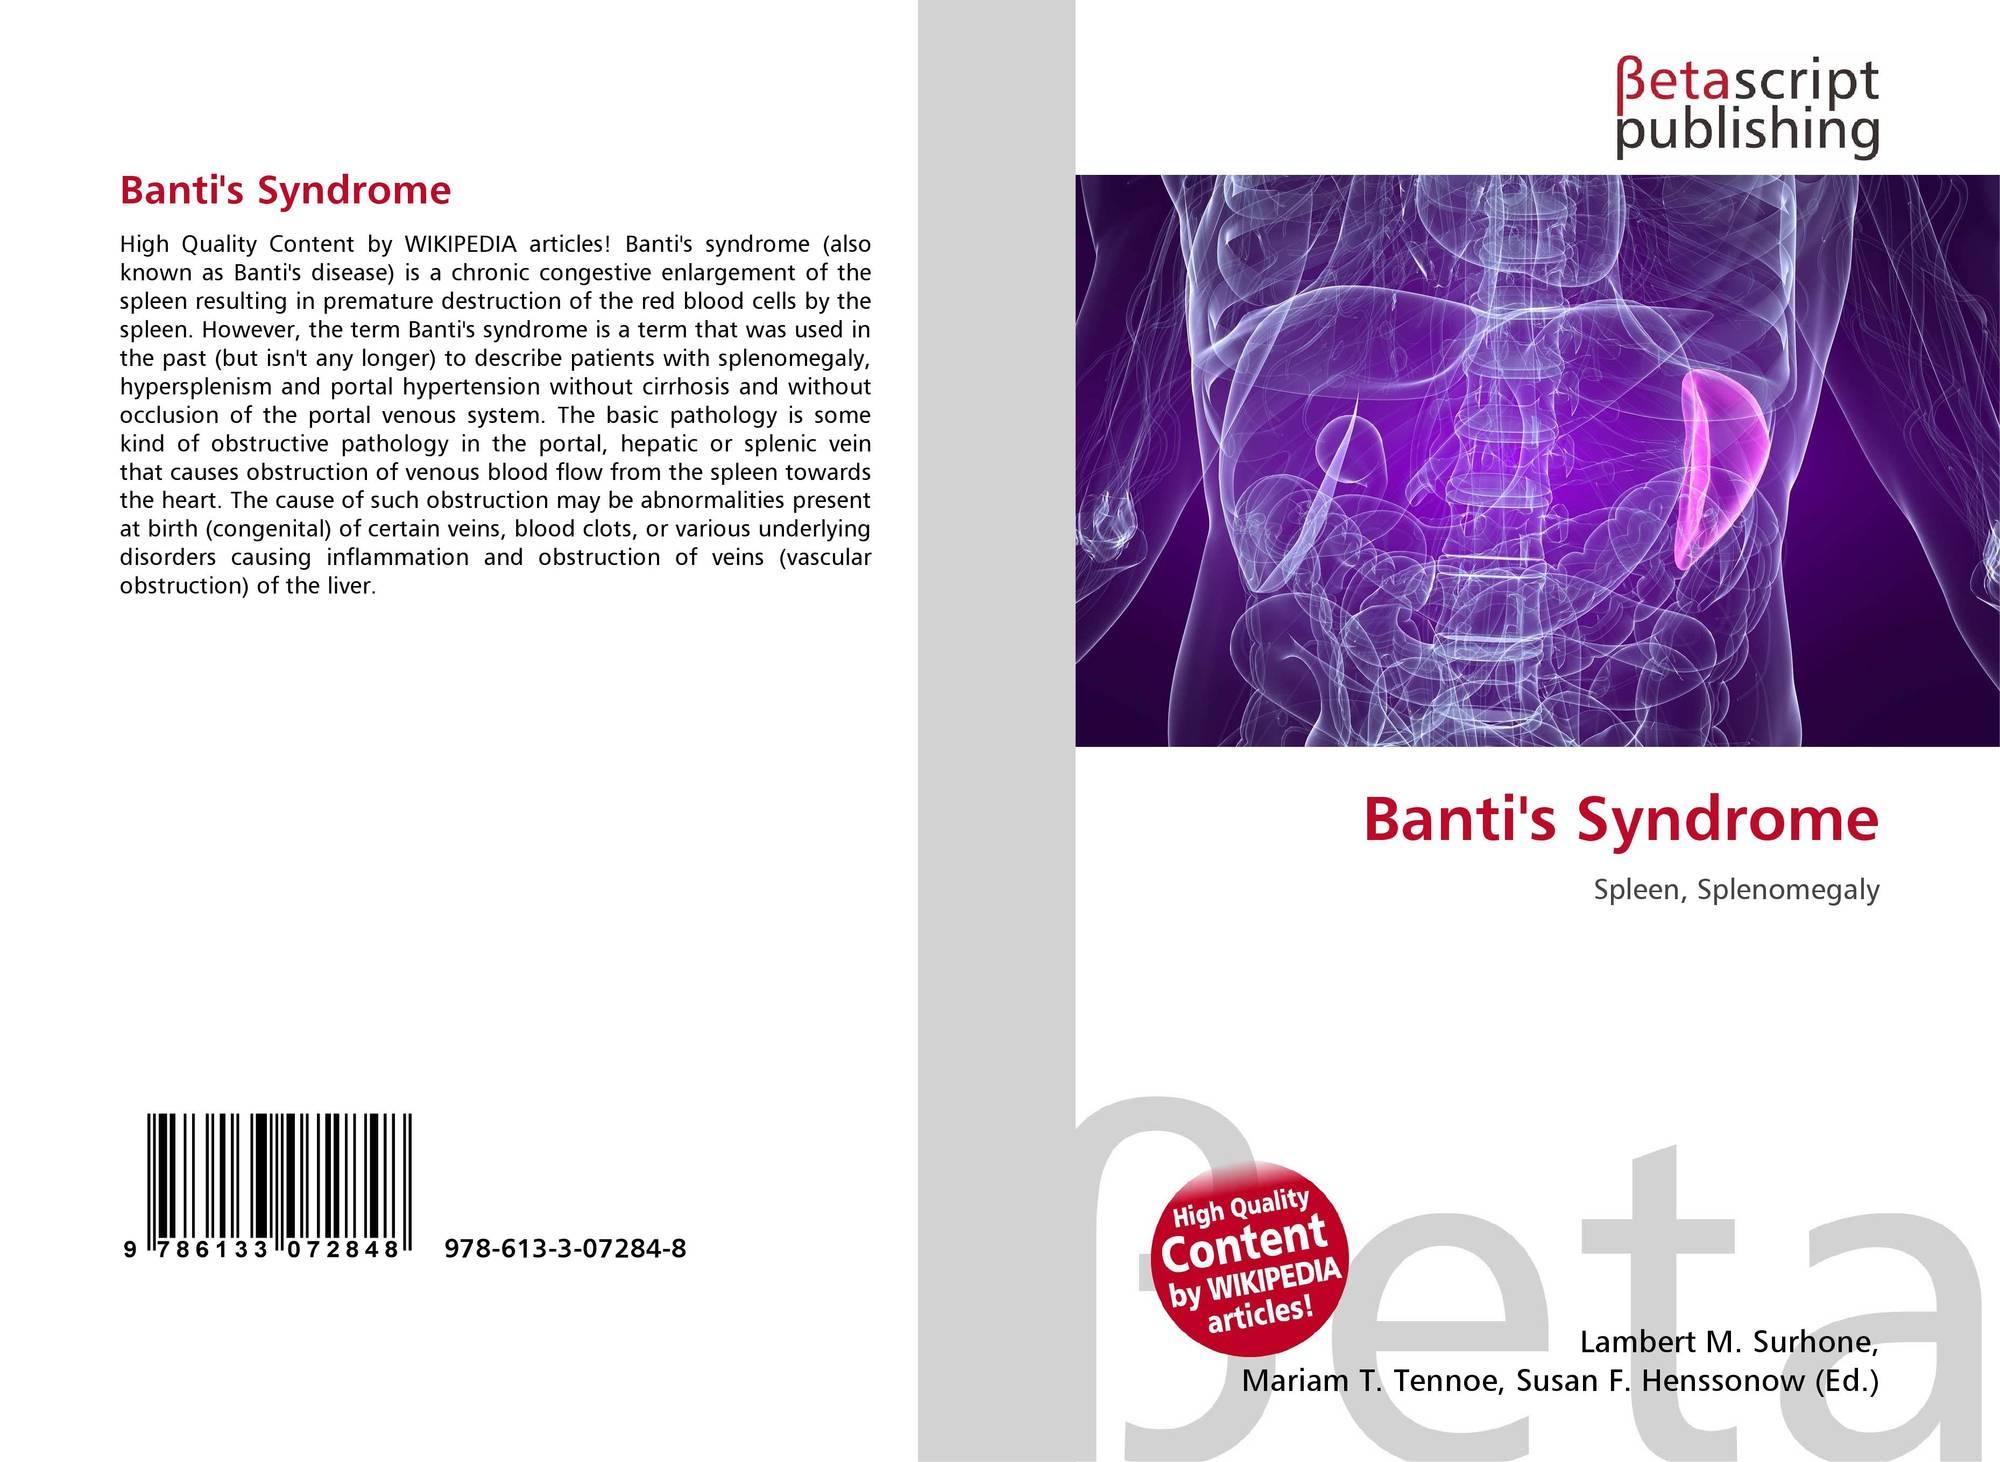 Синдром Банти